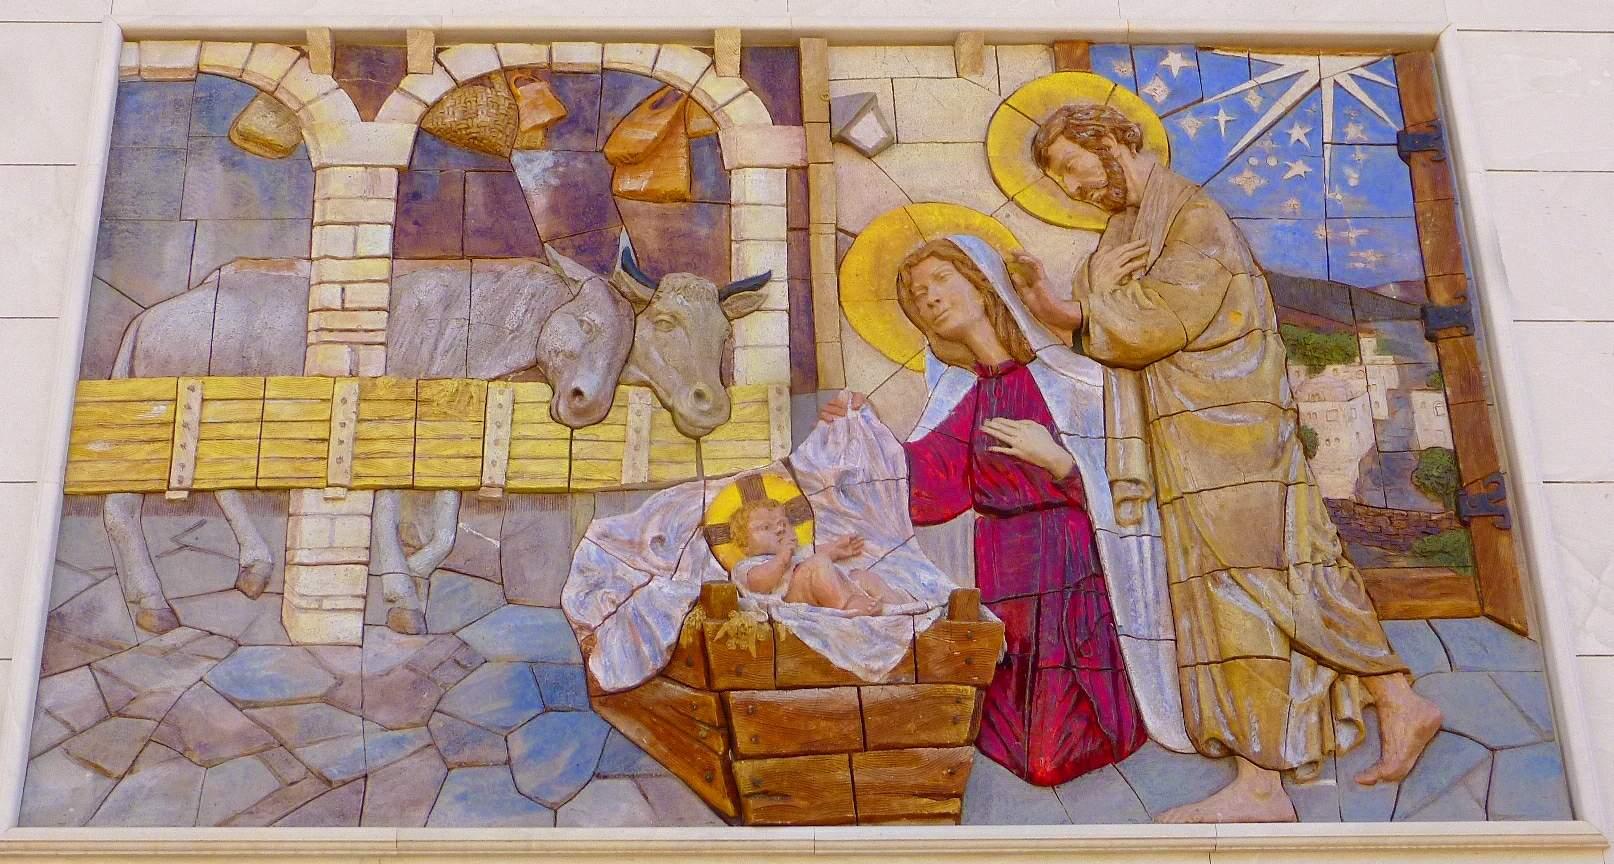 File Benidorm Parroquia De Nuestra Señora De La Almudena 5 Jpg Wikimedia Commons